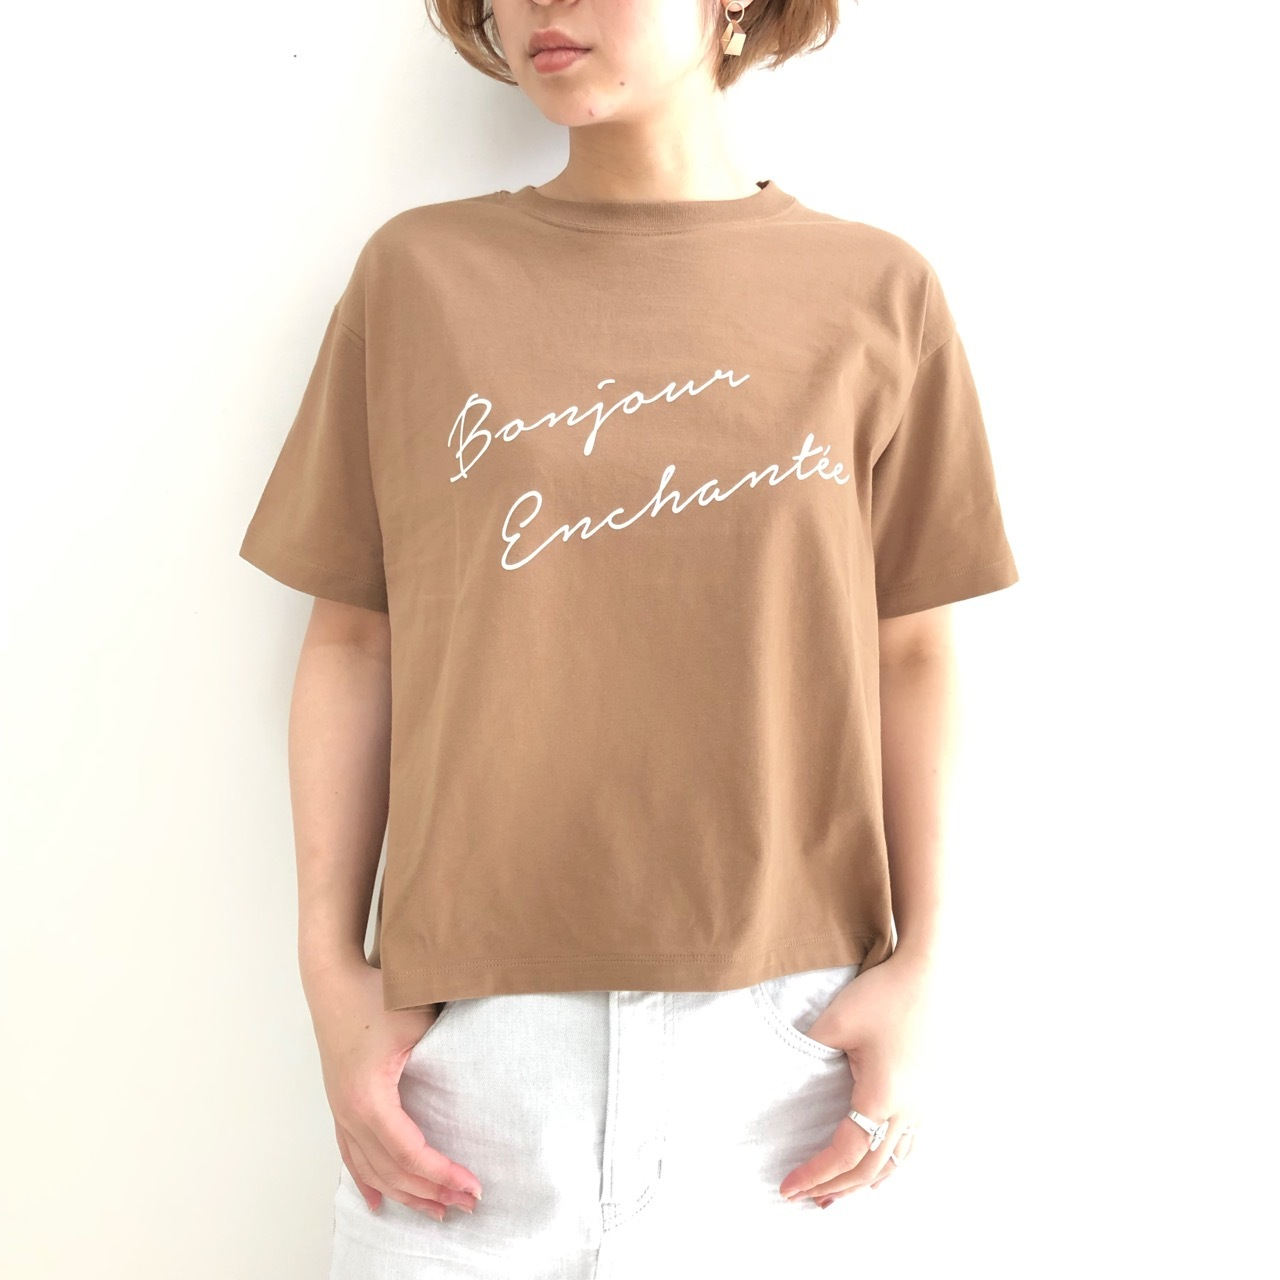 【Siro de labonte 】プリントTeeシャツ